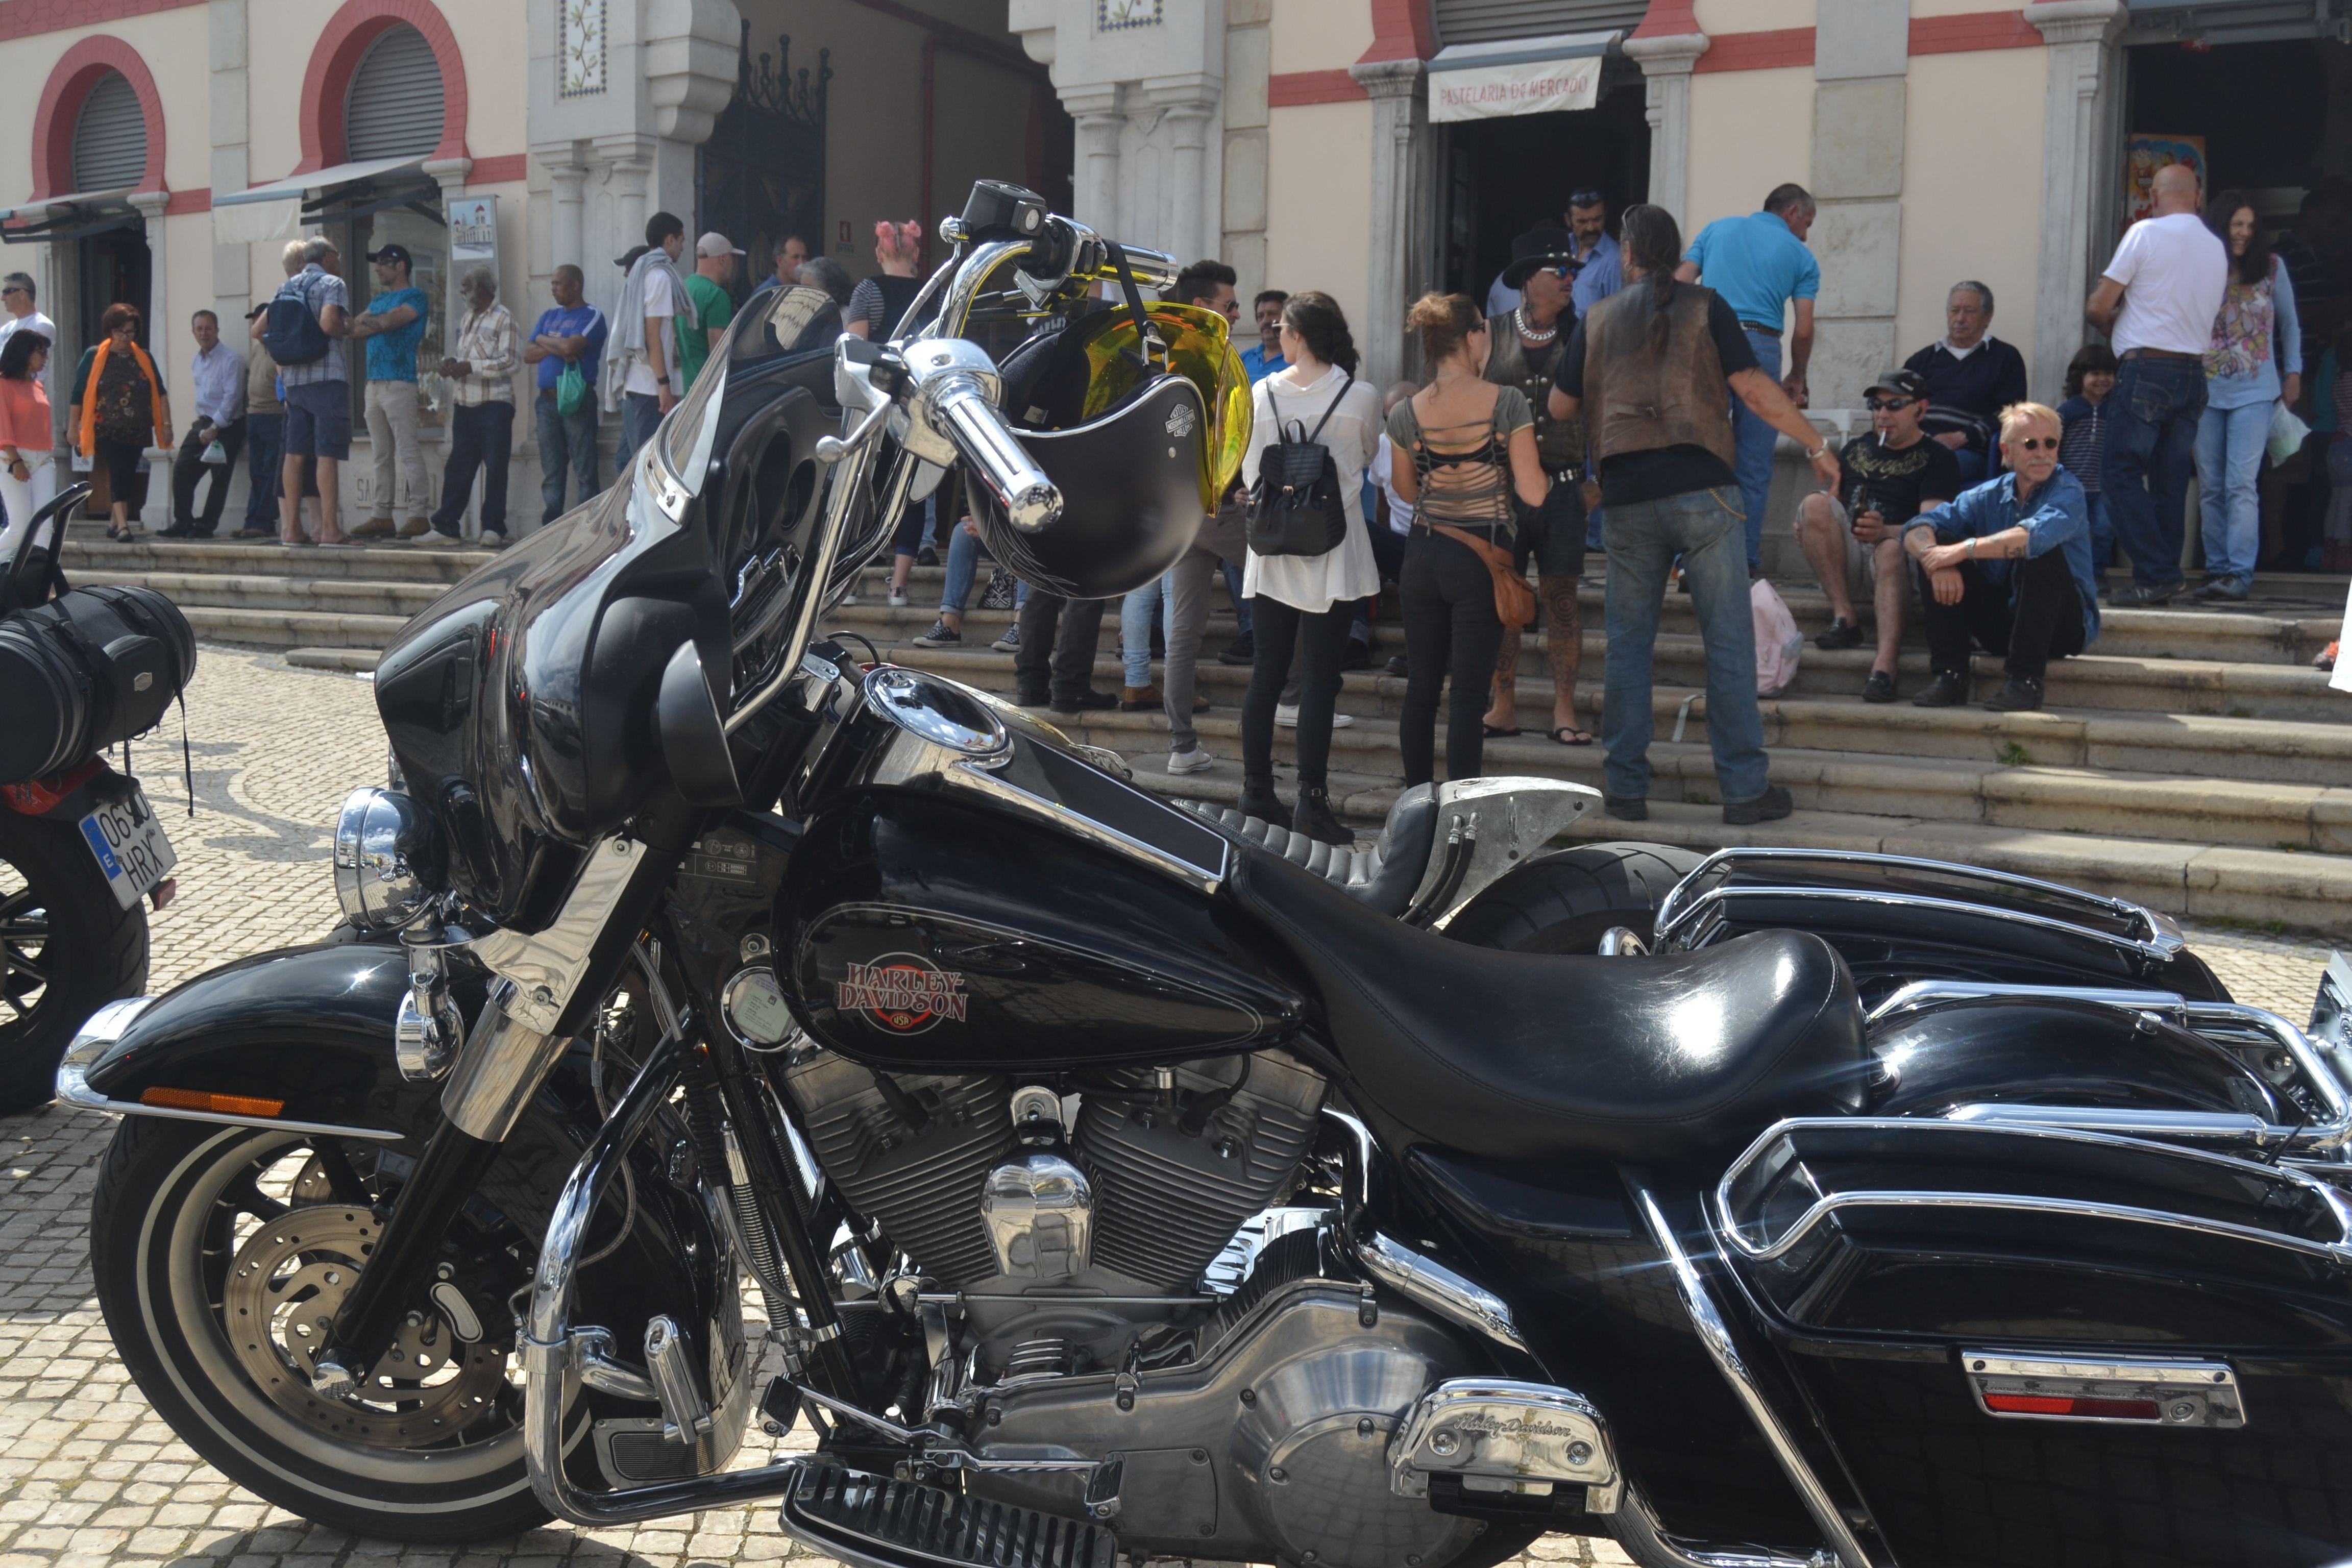 Motos y Mercado de Pascua de Loulé, Algarve Coches y